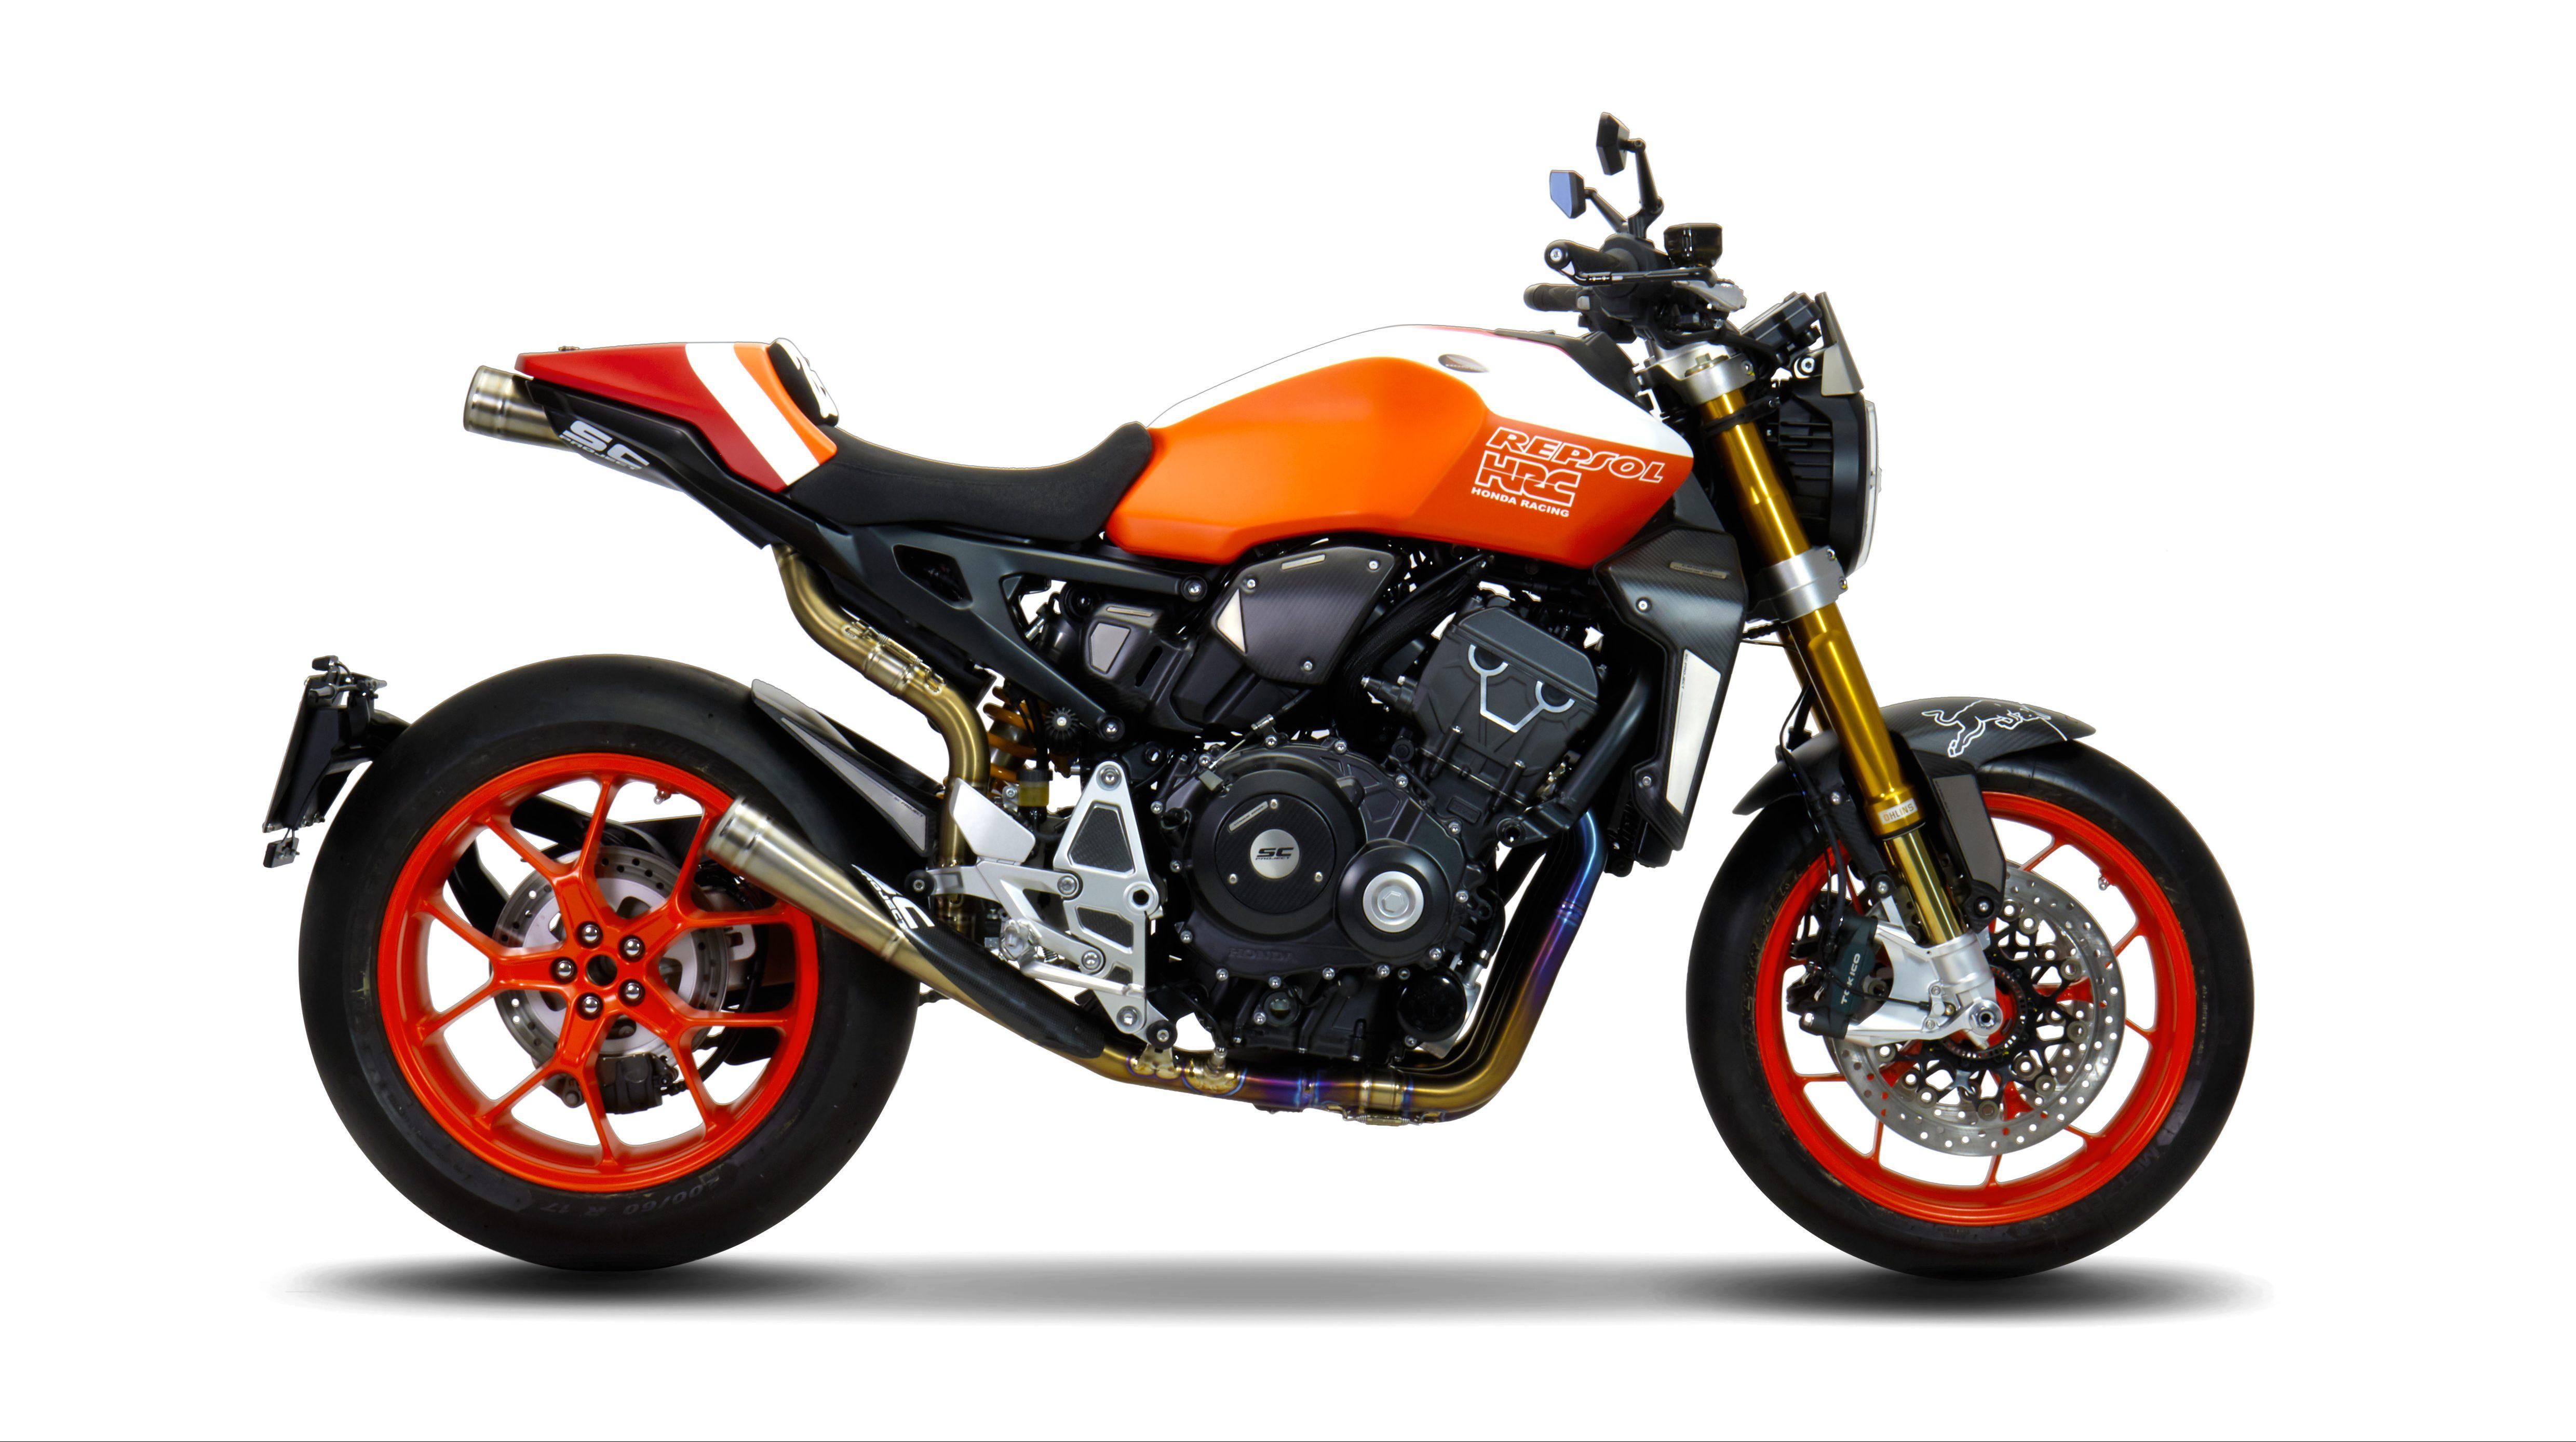 Honda Cb1000r Dani Pedrosa Tribute By Moto Macchion